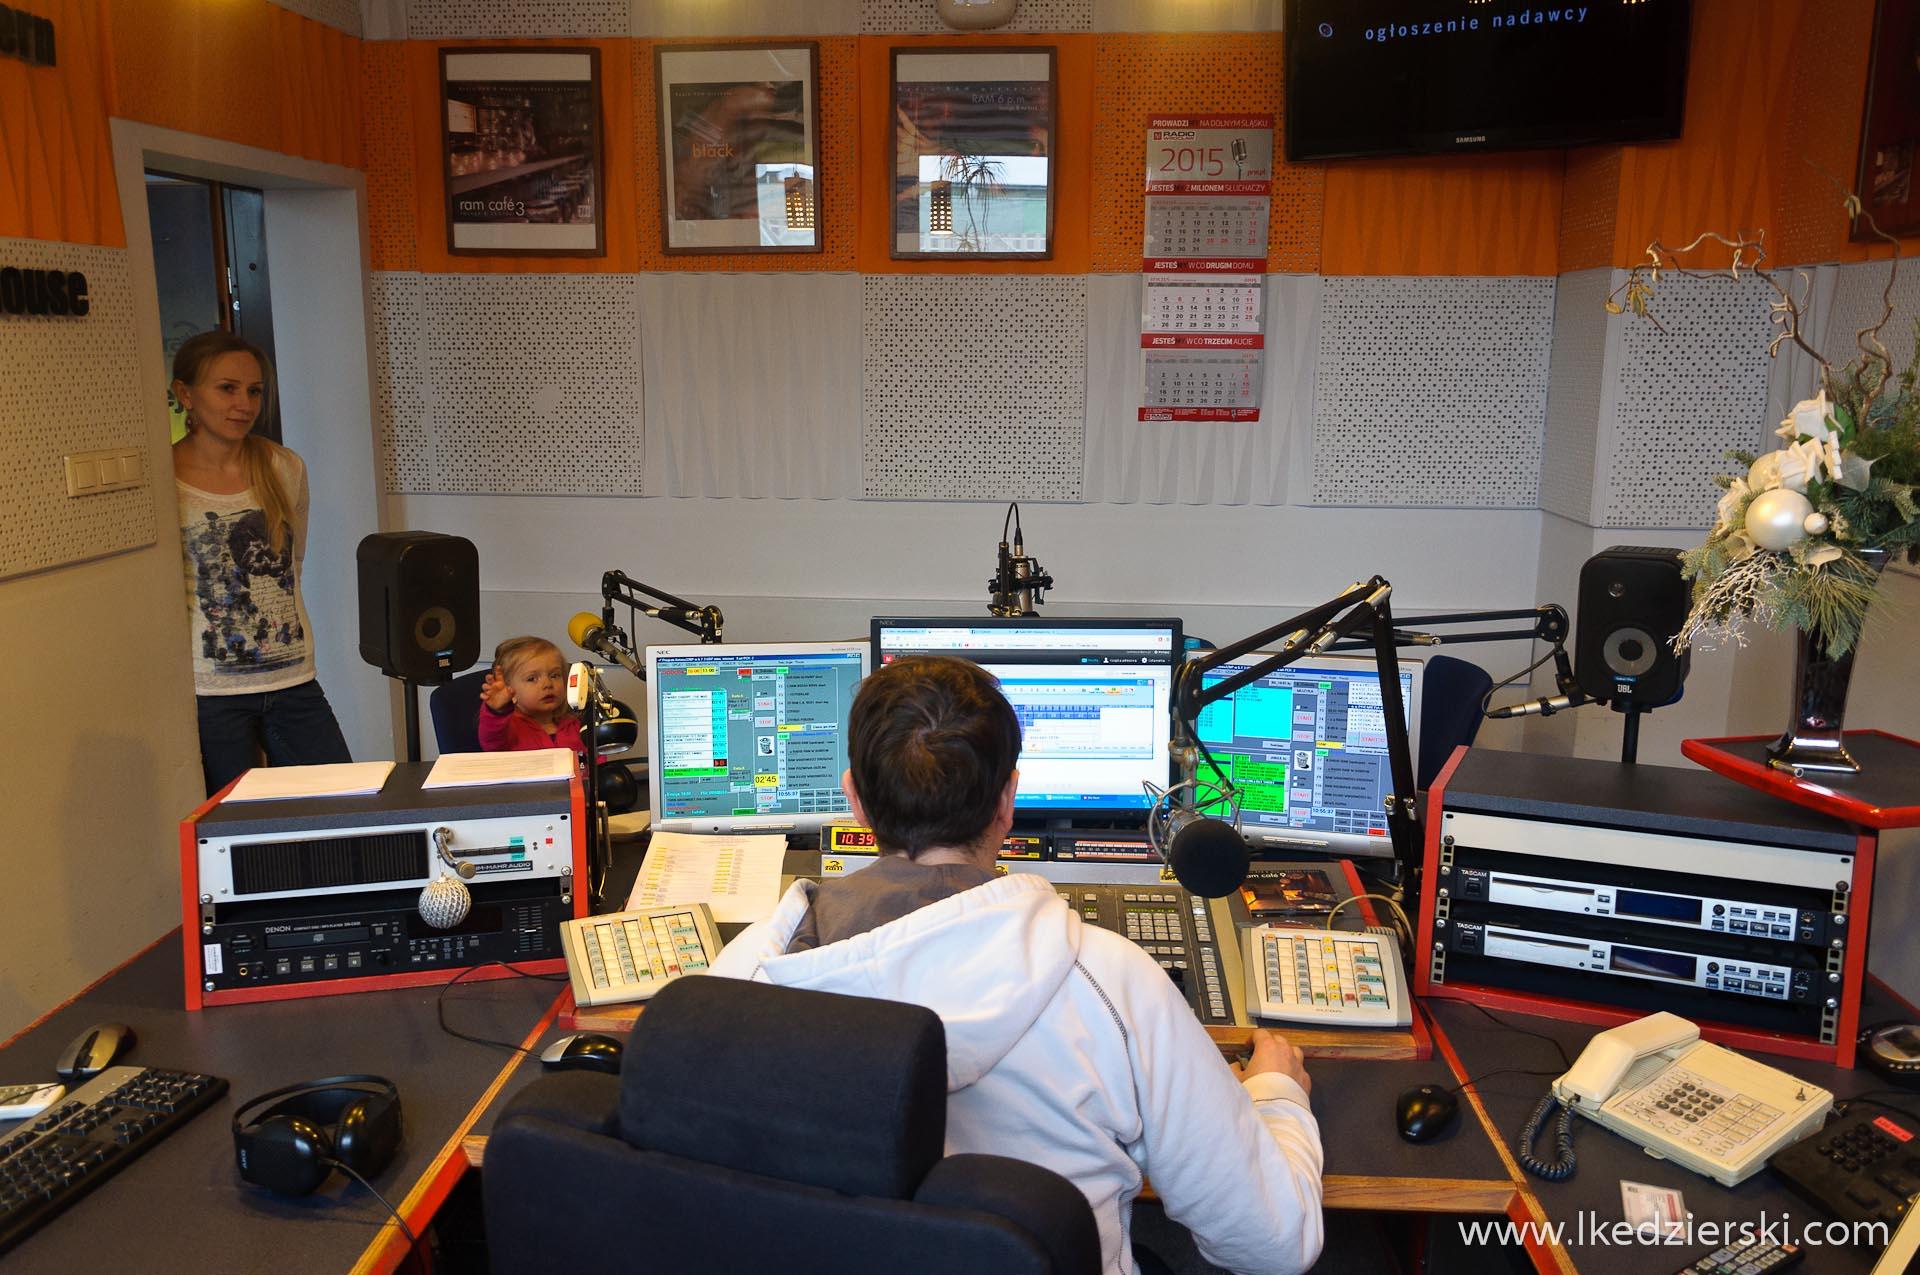 Nadia w podróży w studiu radiowym